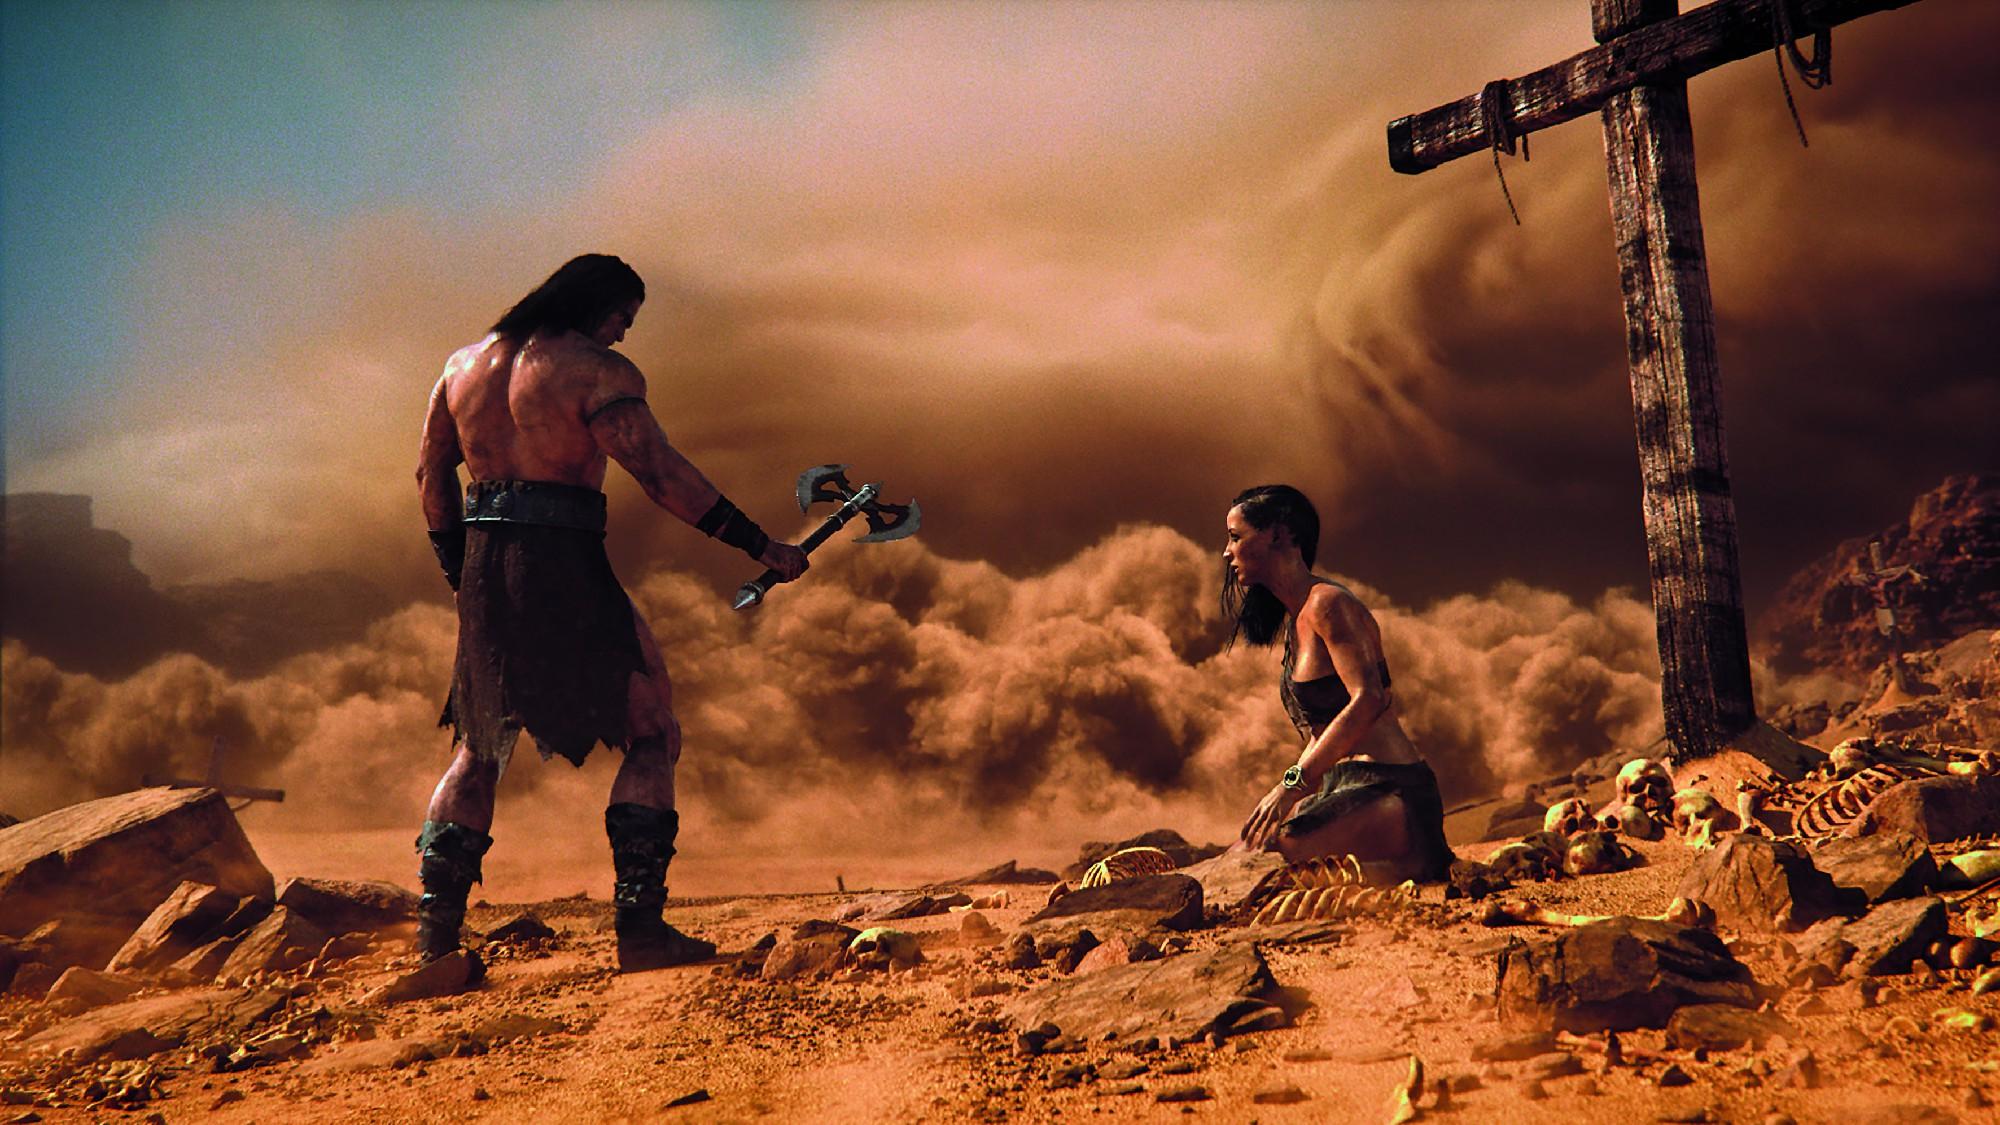 Der Sandsturm wurde mit Houdini simuliert, Anpassungen liefen im Anschluss in Nuke.